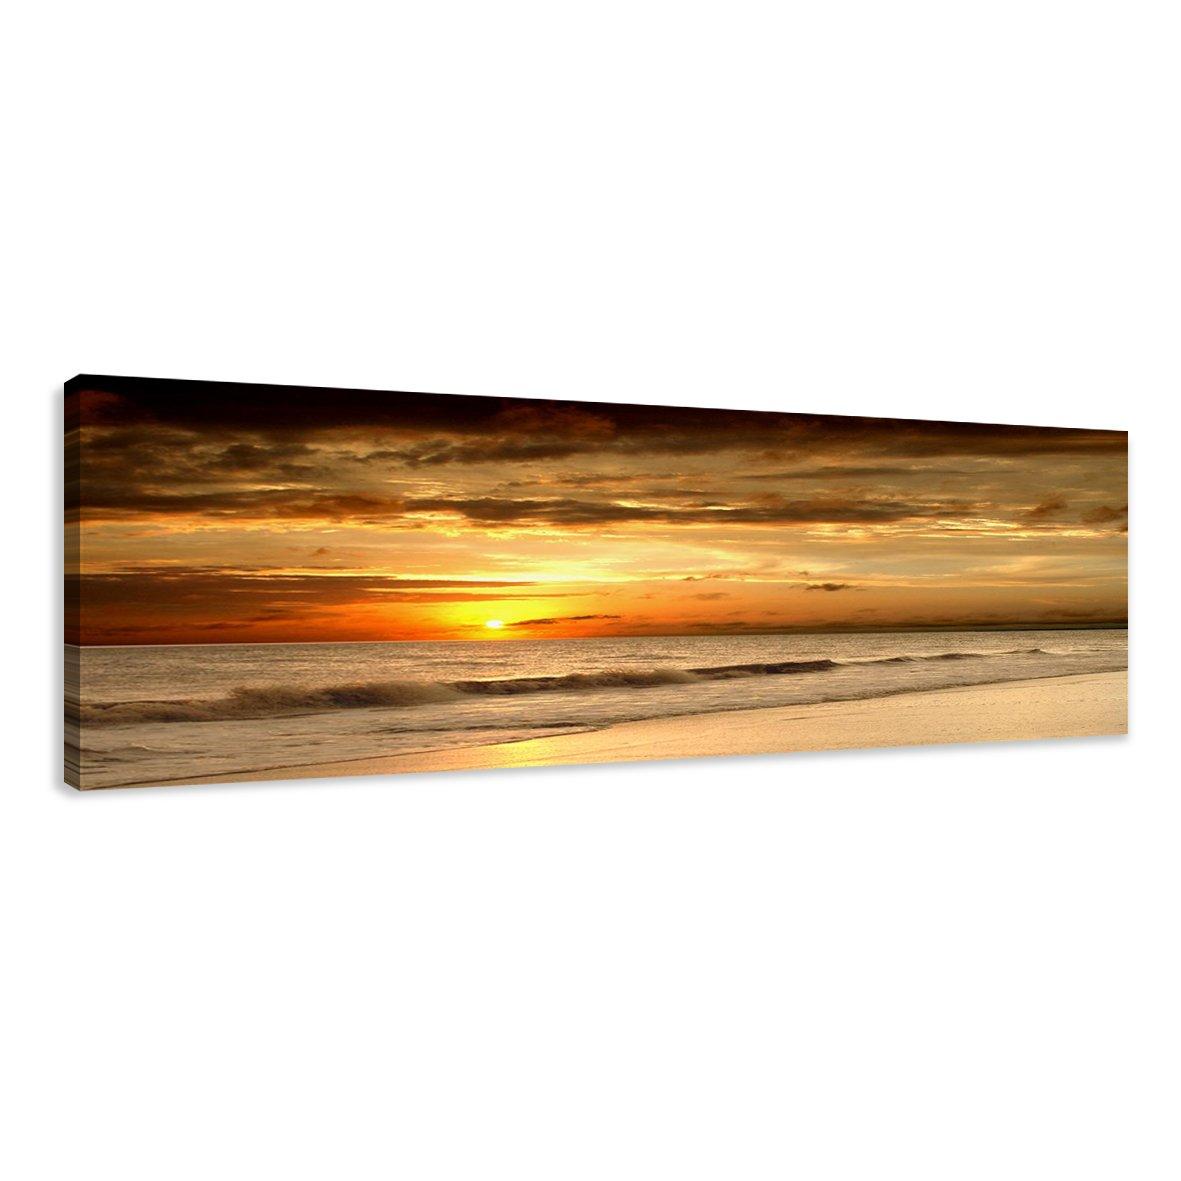 Cuadros en Lienzo playa 120 x 40 cm modelo Nr. 5703 XXL Las imágenes estan listas, enmarcadas en marcos de Madera auténtica. El diseño de la impresión artística como un Mural enmarcado. - Electrónica Más información y revisión del cliente